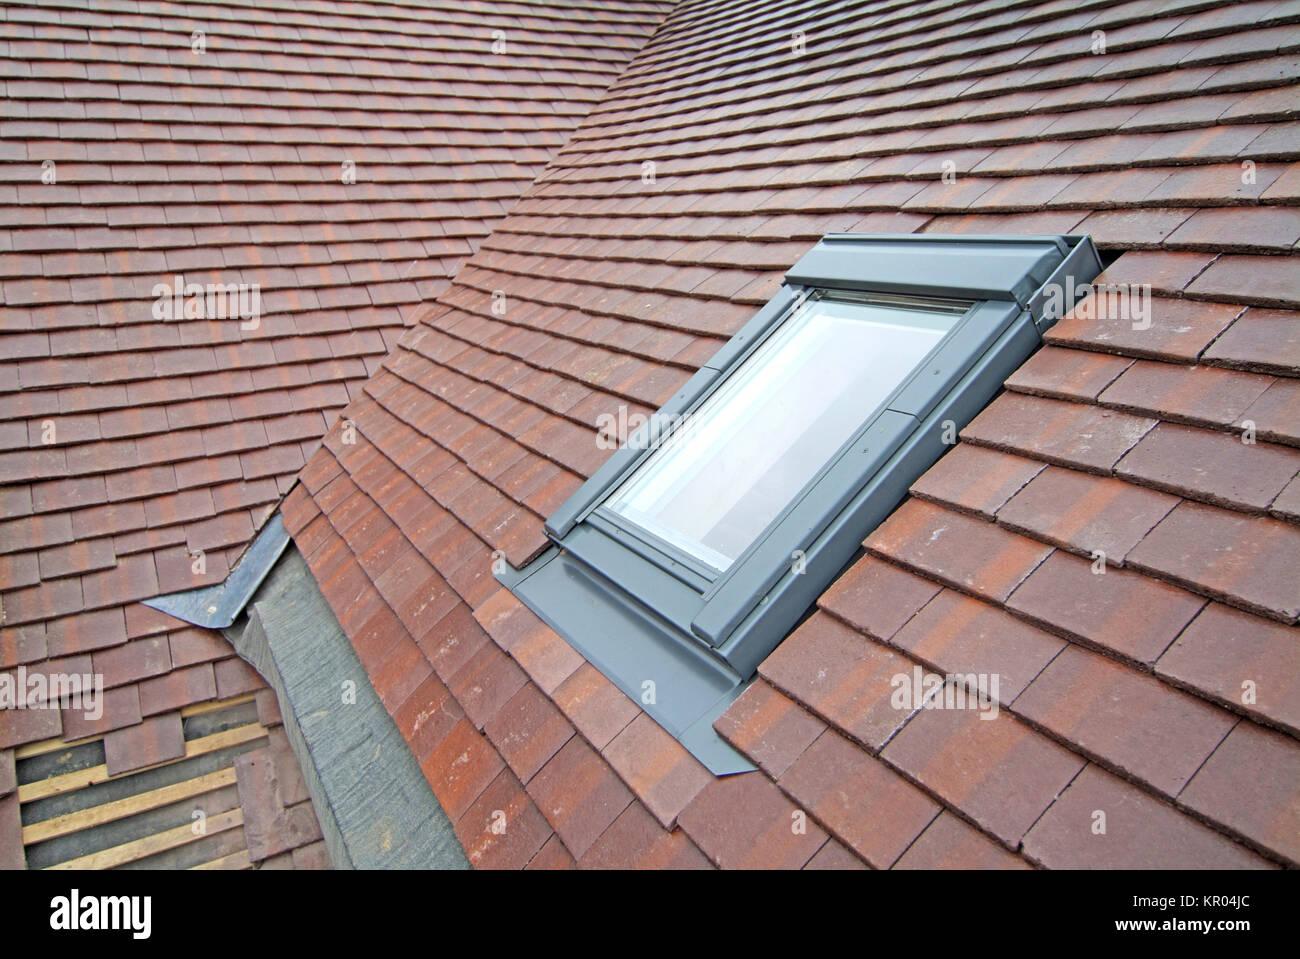 Window Flashing Photos & Window Flashing Images - Alamy